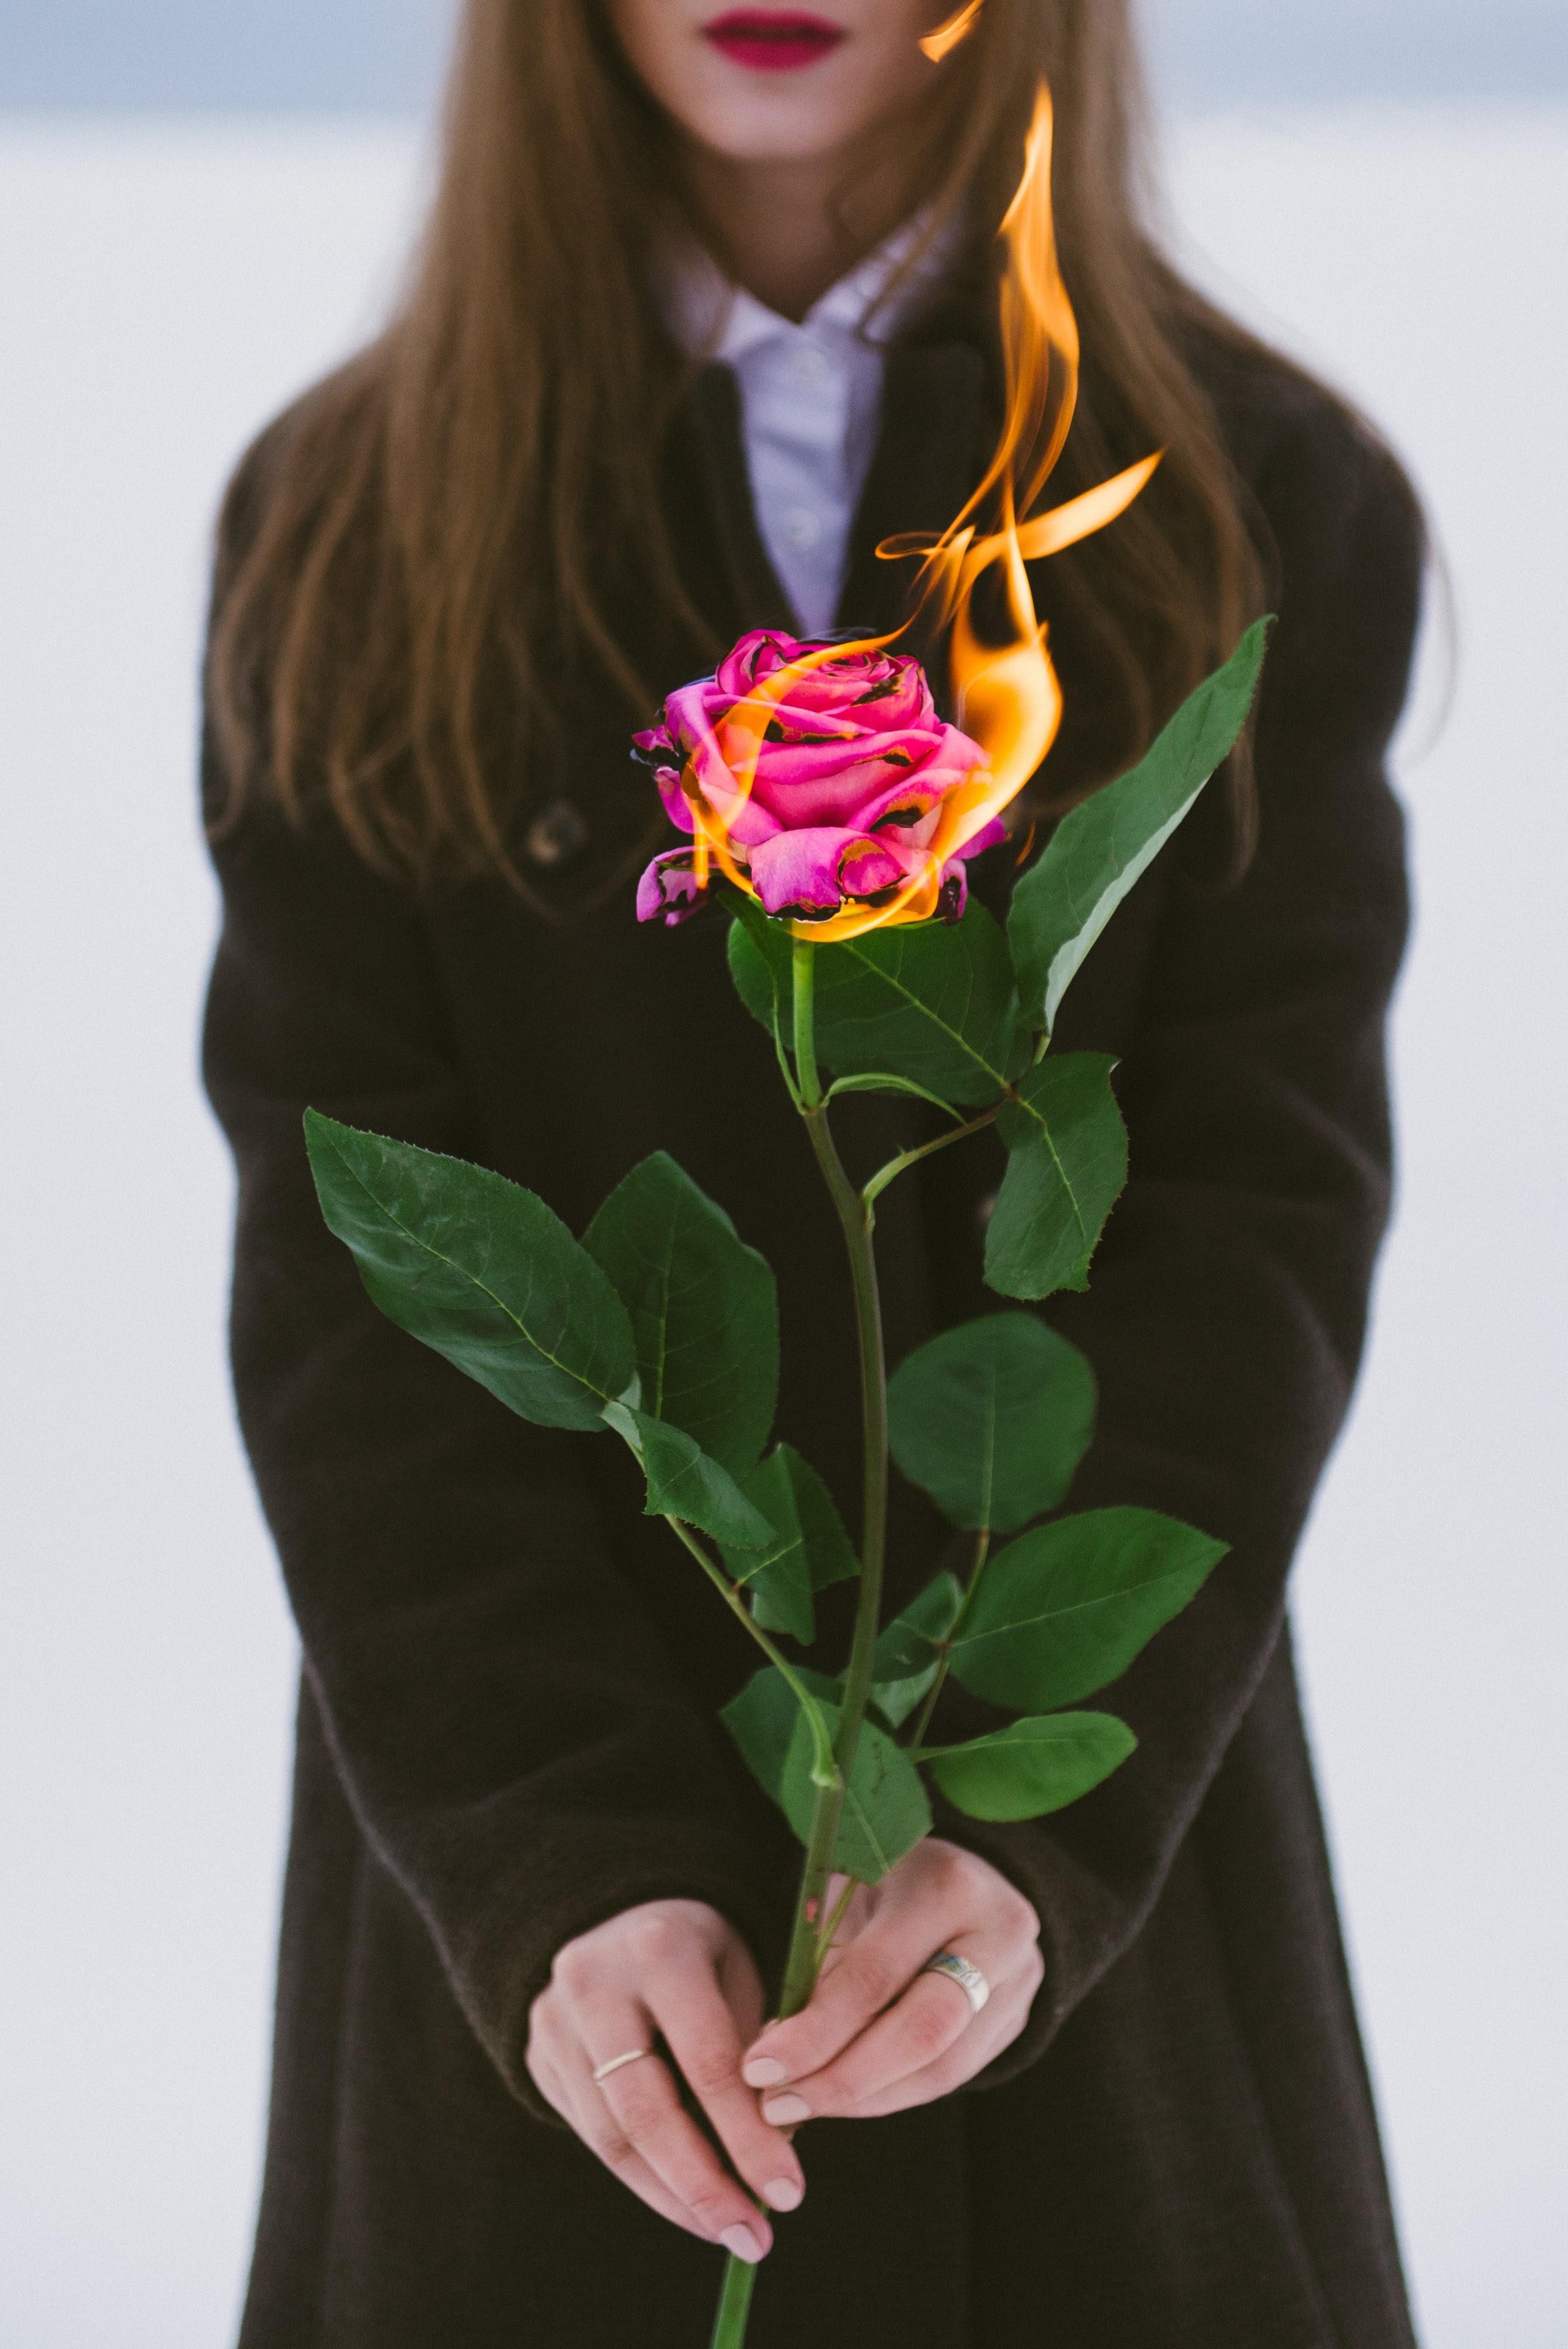 131875 免費下載壁紙 杂项, 女孩, 玫瑰花, 花, 花卉, 火, 手, 手部, 火焰 屏保和圖片